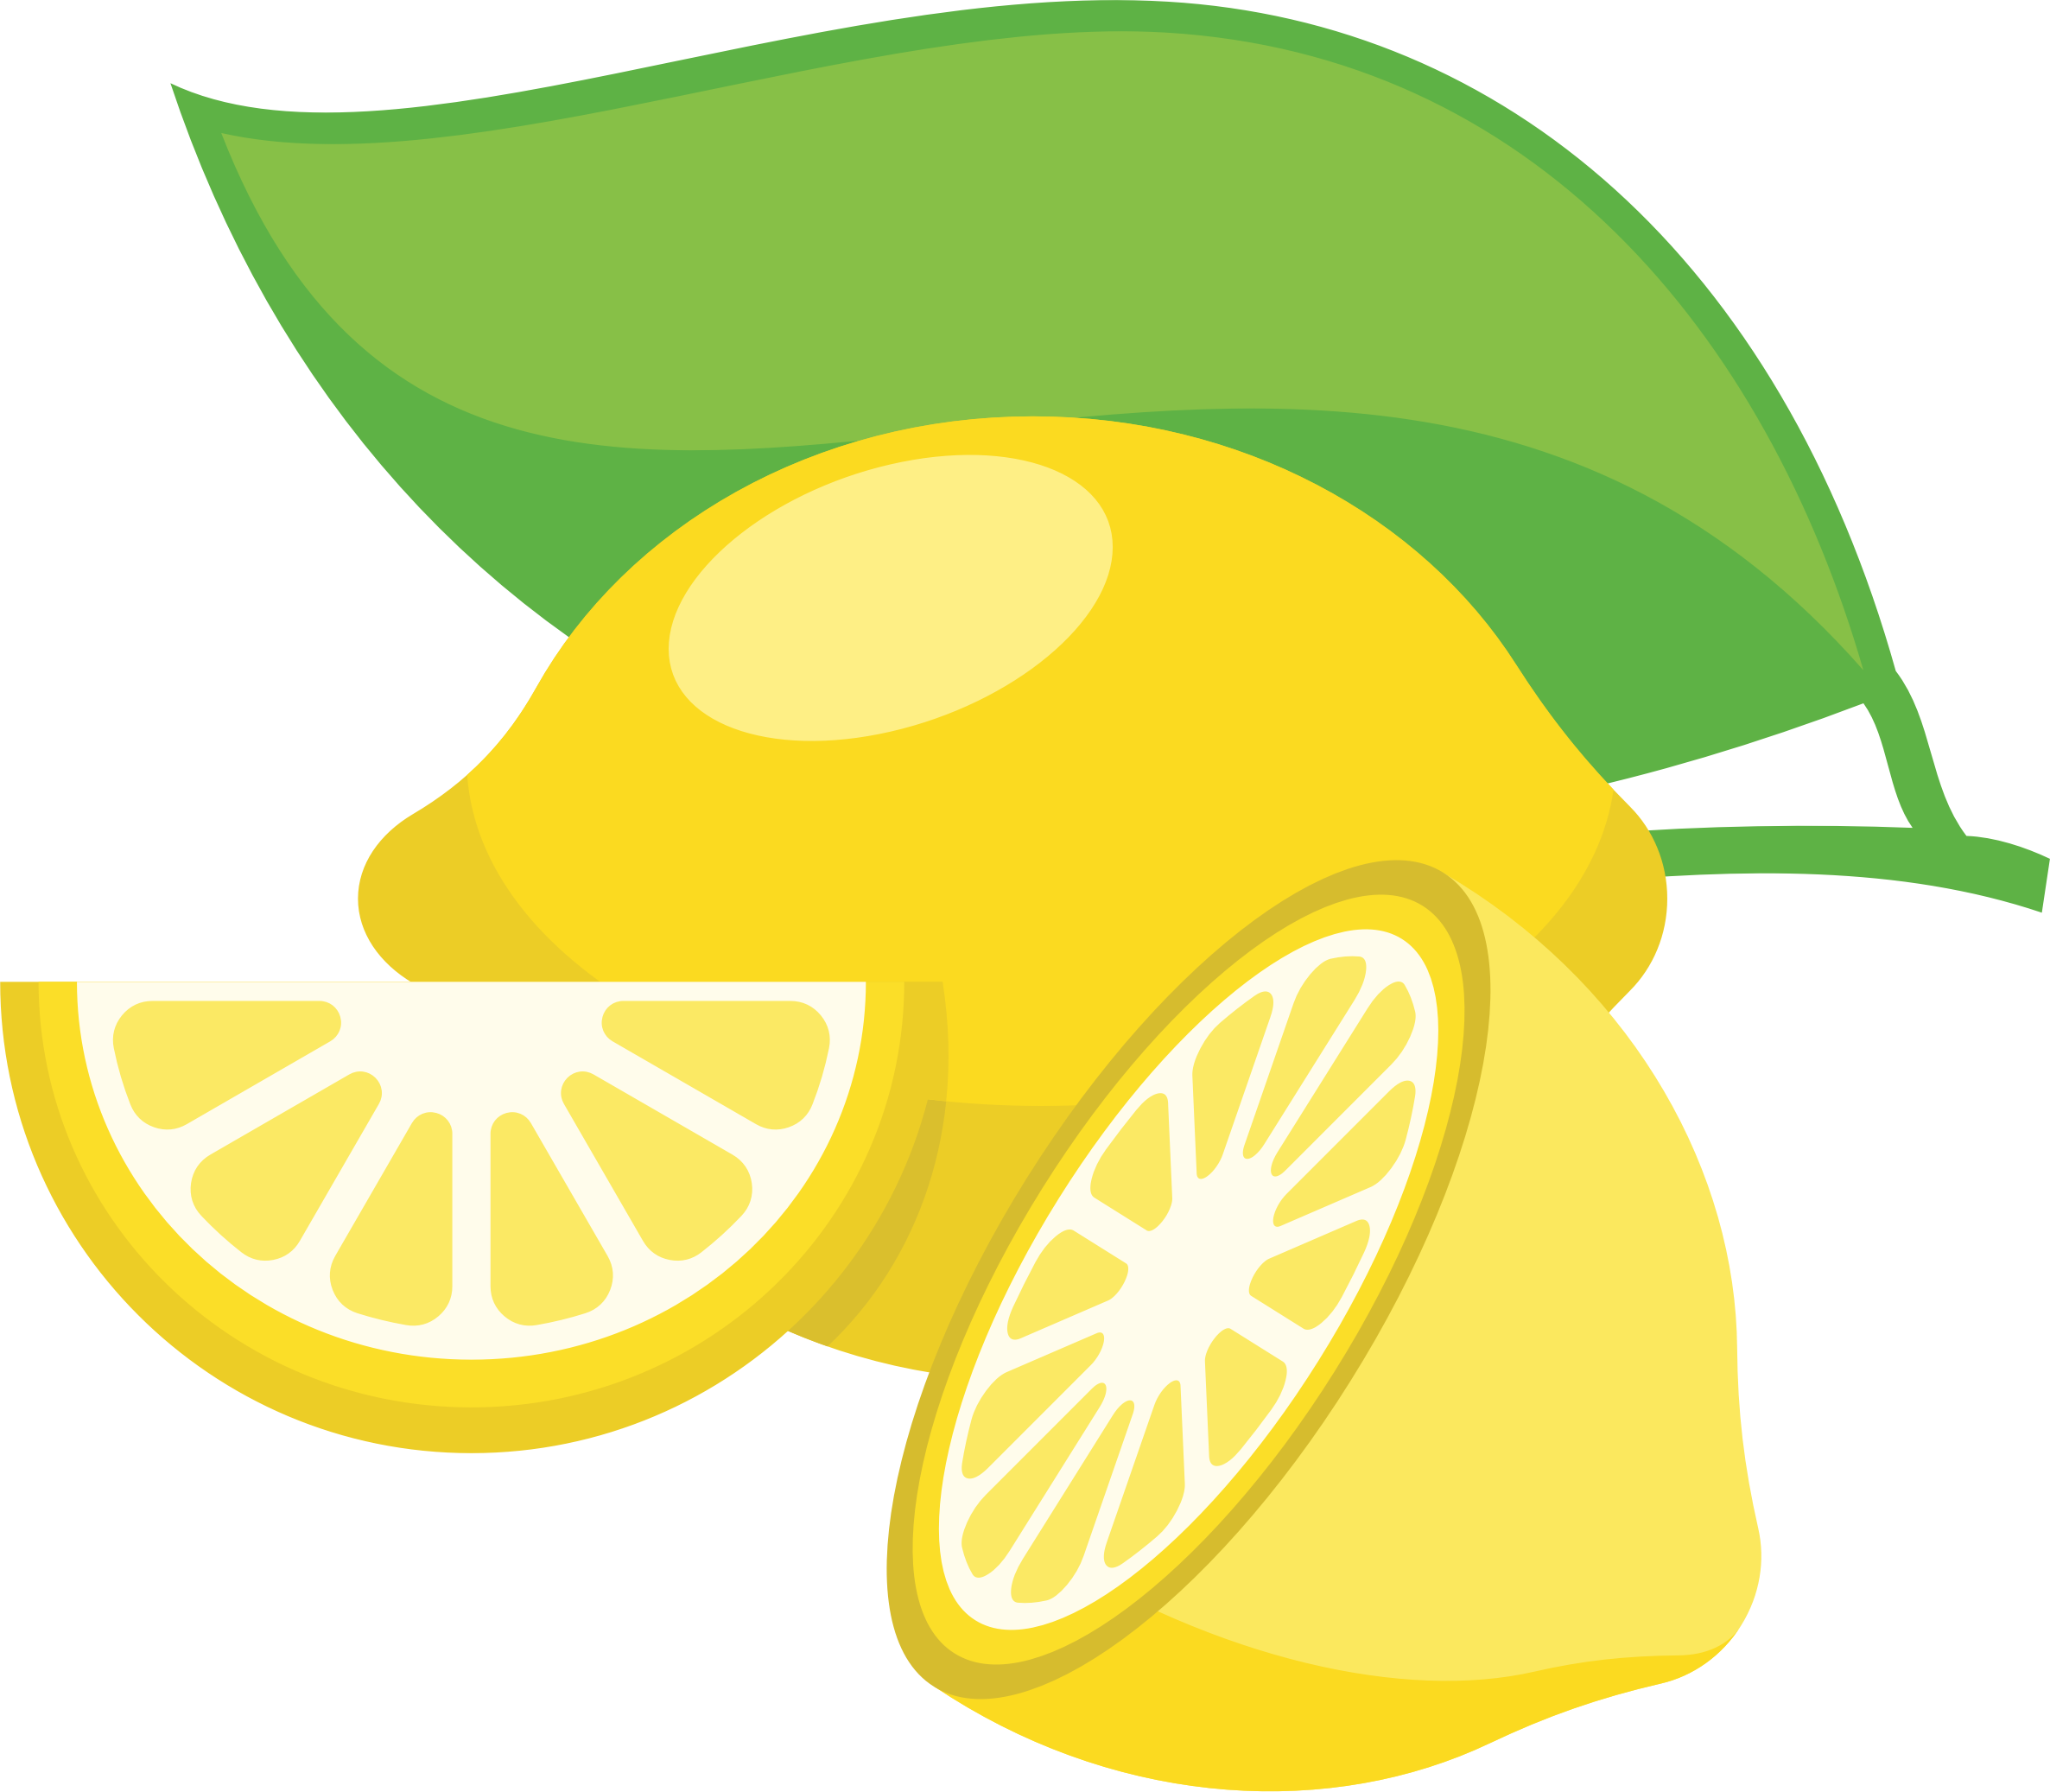 clipart lemons rh openclipart org lemon clipart black and white lemon clip art - black and white